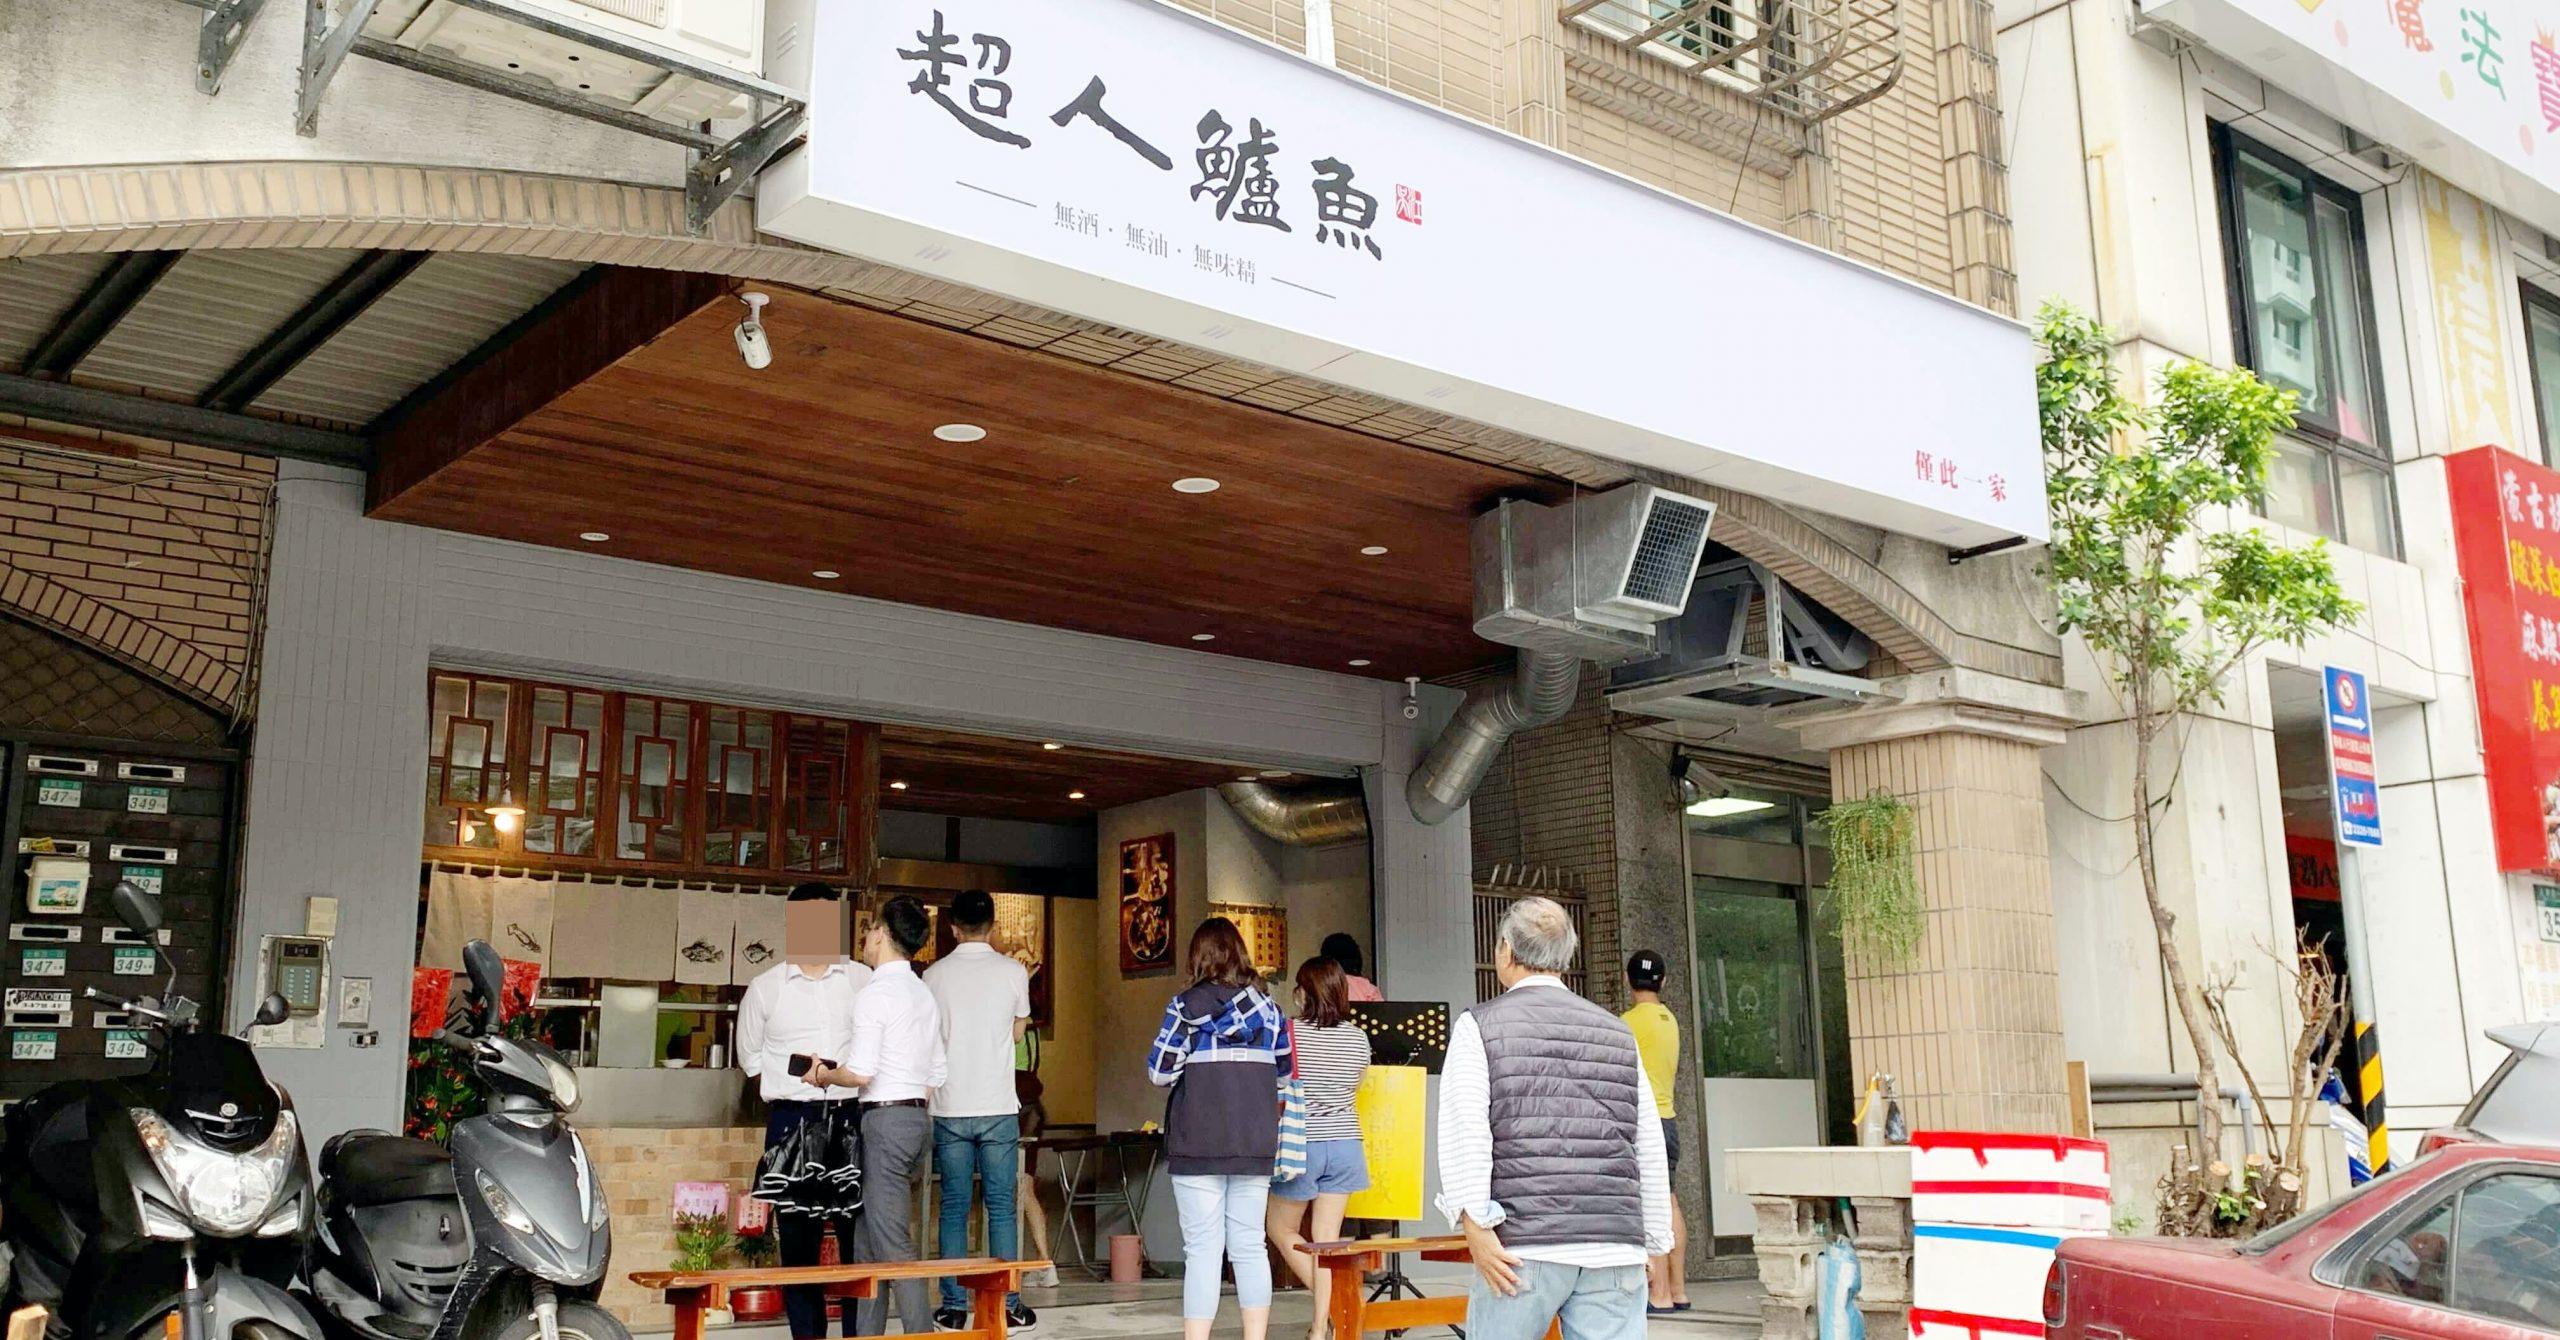 即時熱門文章:【新店美食】超人鱸魚湯,魚湯豬腳都好吃 (搬家 菜單)